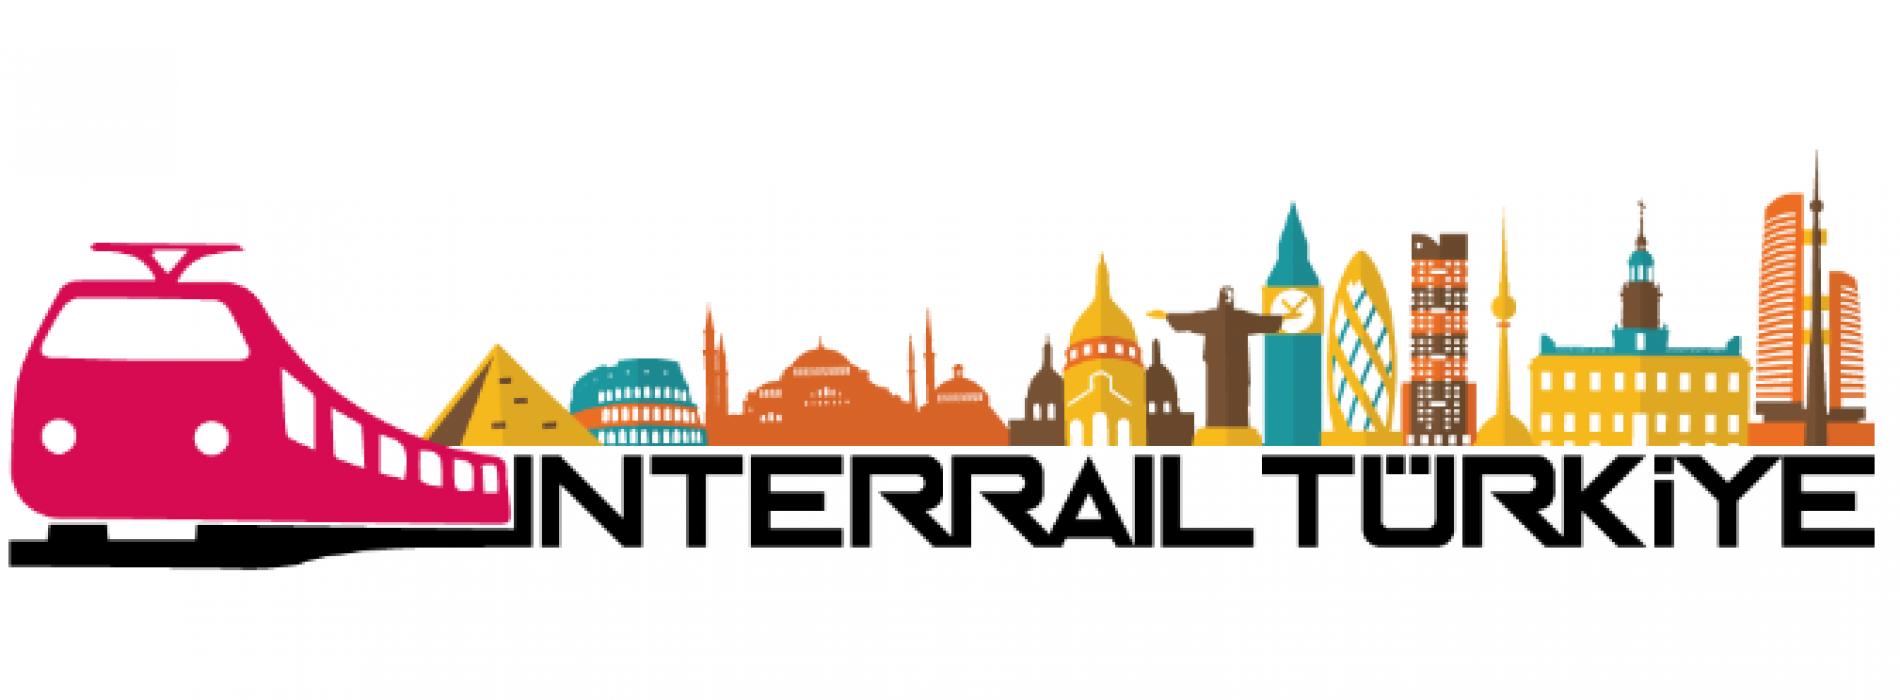 Interrail Hangi Ülkede Geçerlidir ?